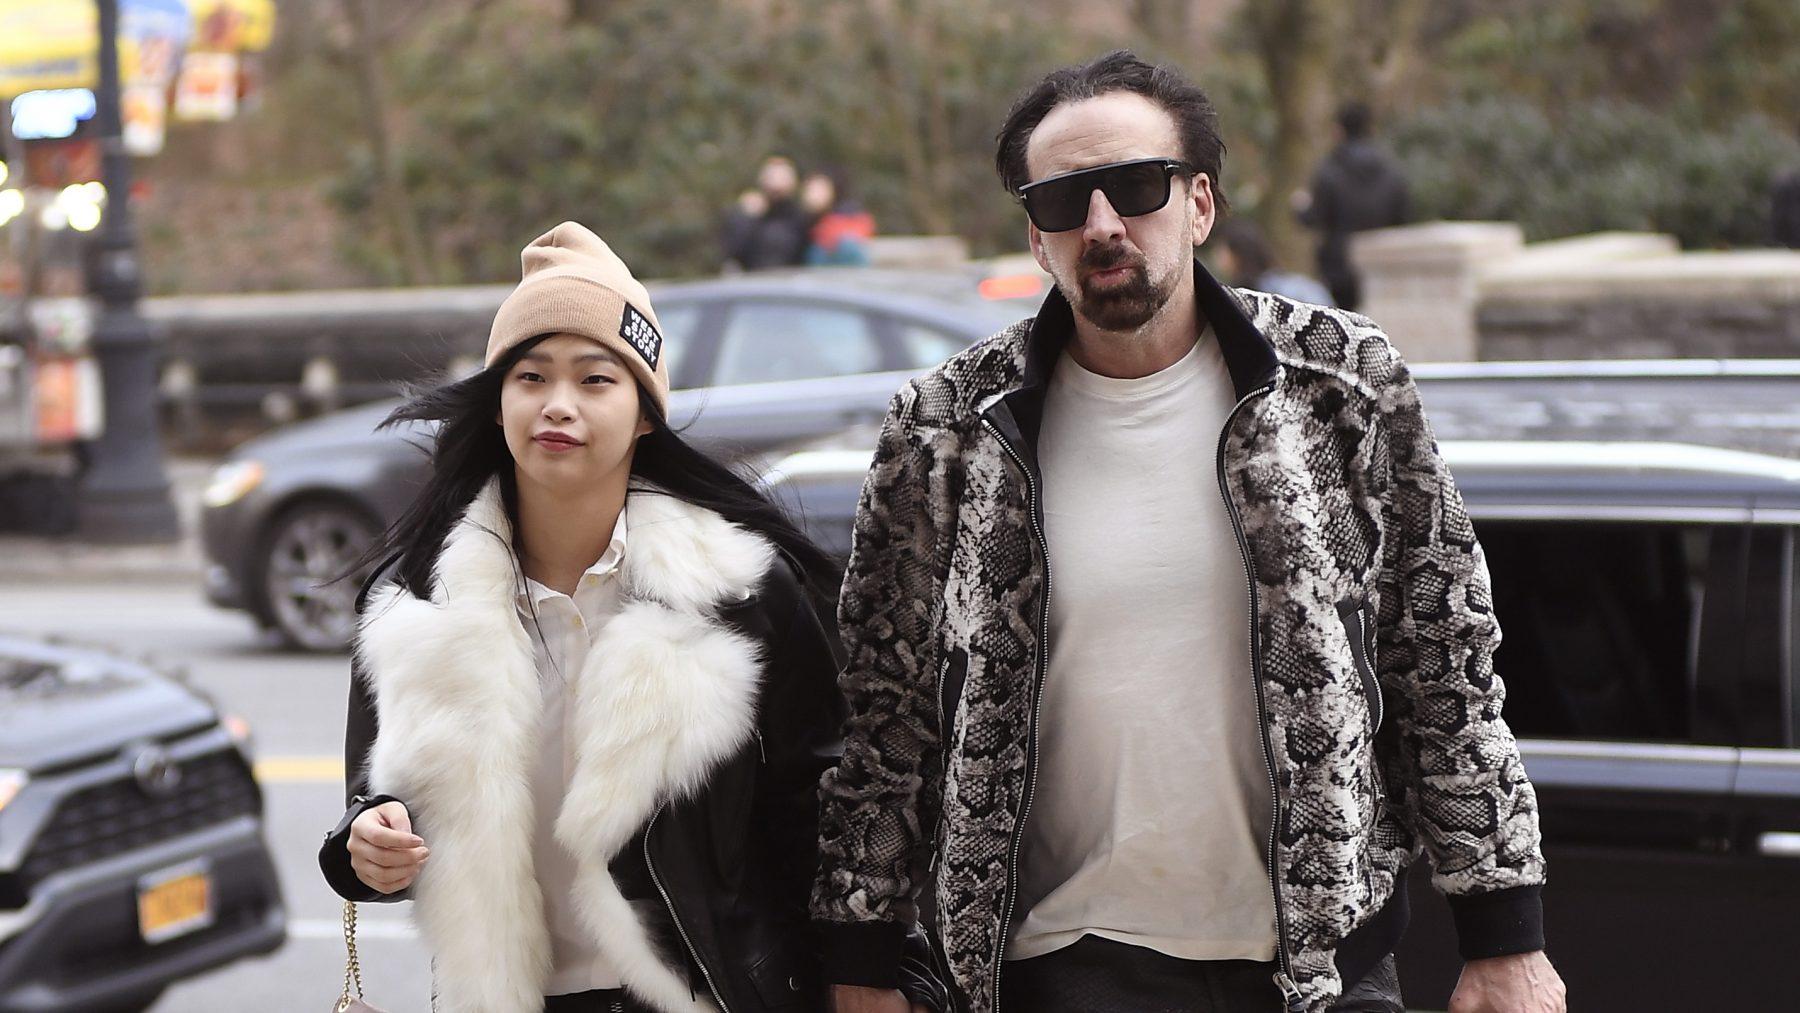 Nicolas Cage (57) begint in Las Vegas met Riko (26) aan vijfde huwelijk - LINDA.